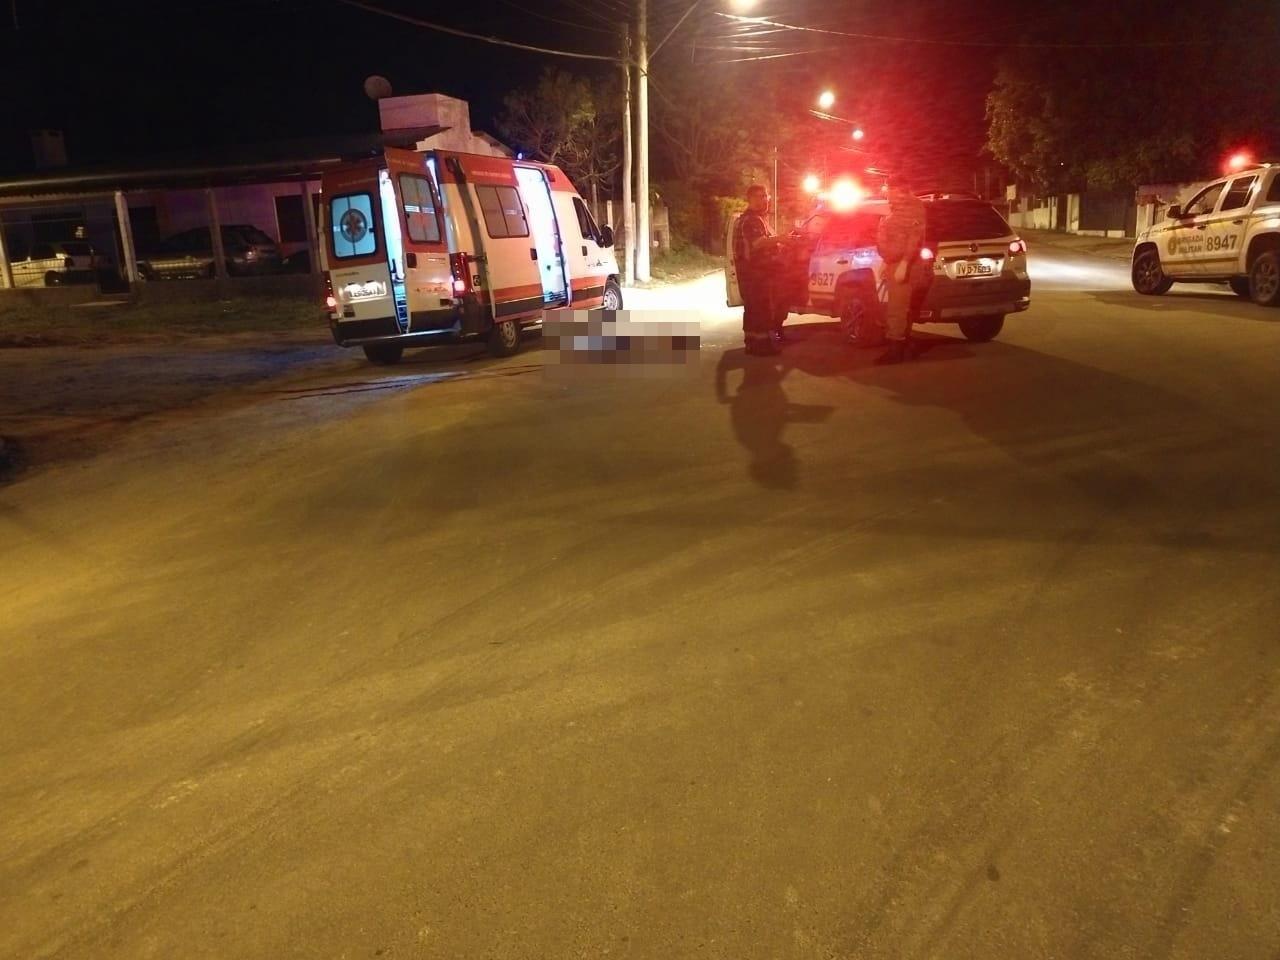 Homem é preso suspeito de matar o irmão em festa de aniversário em Itaqui - Notícias - Plantão Diário